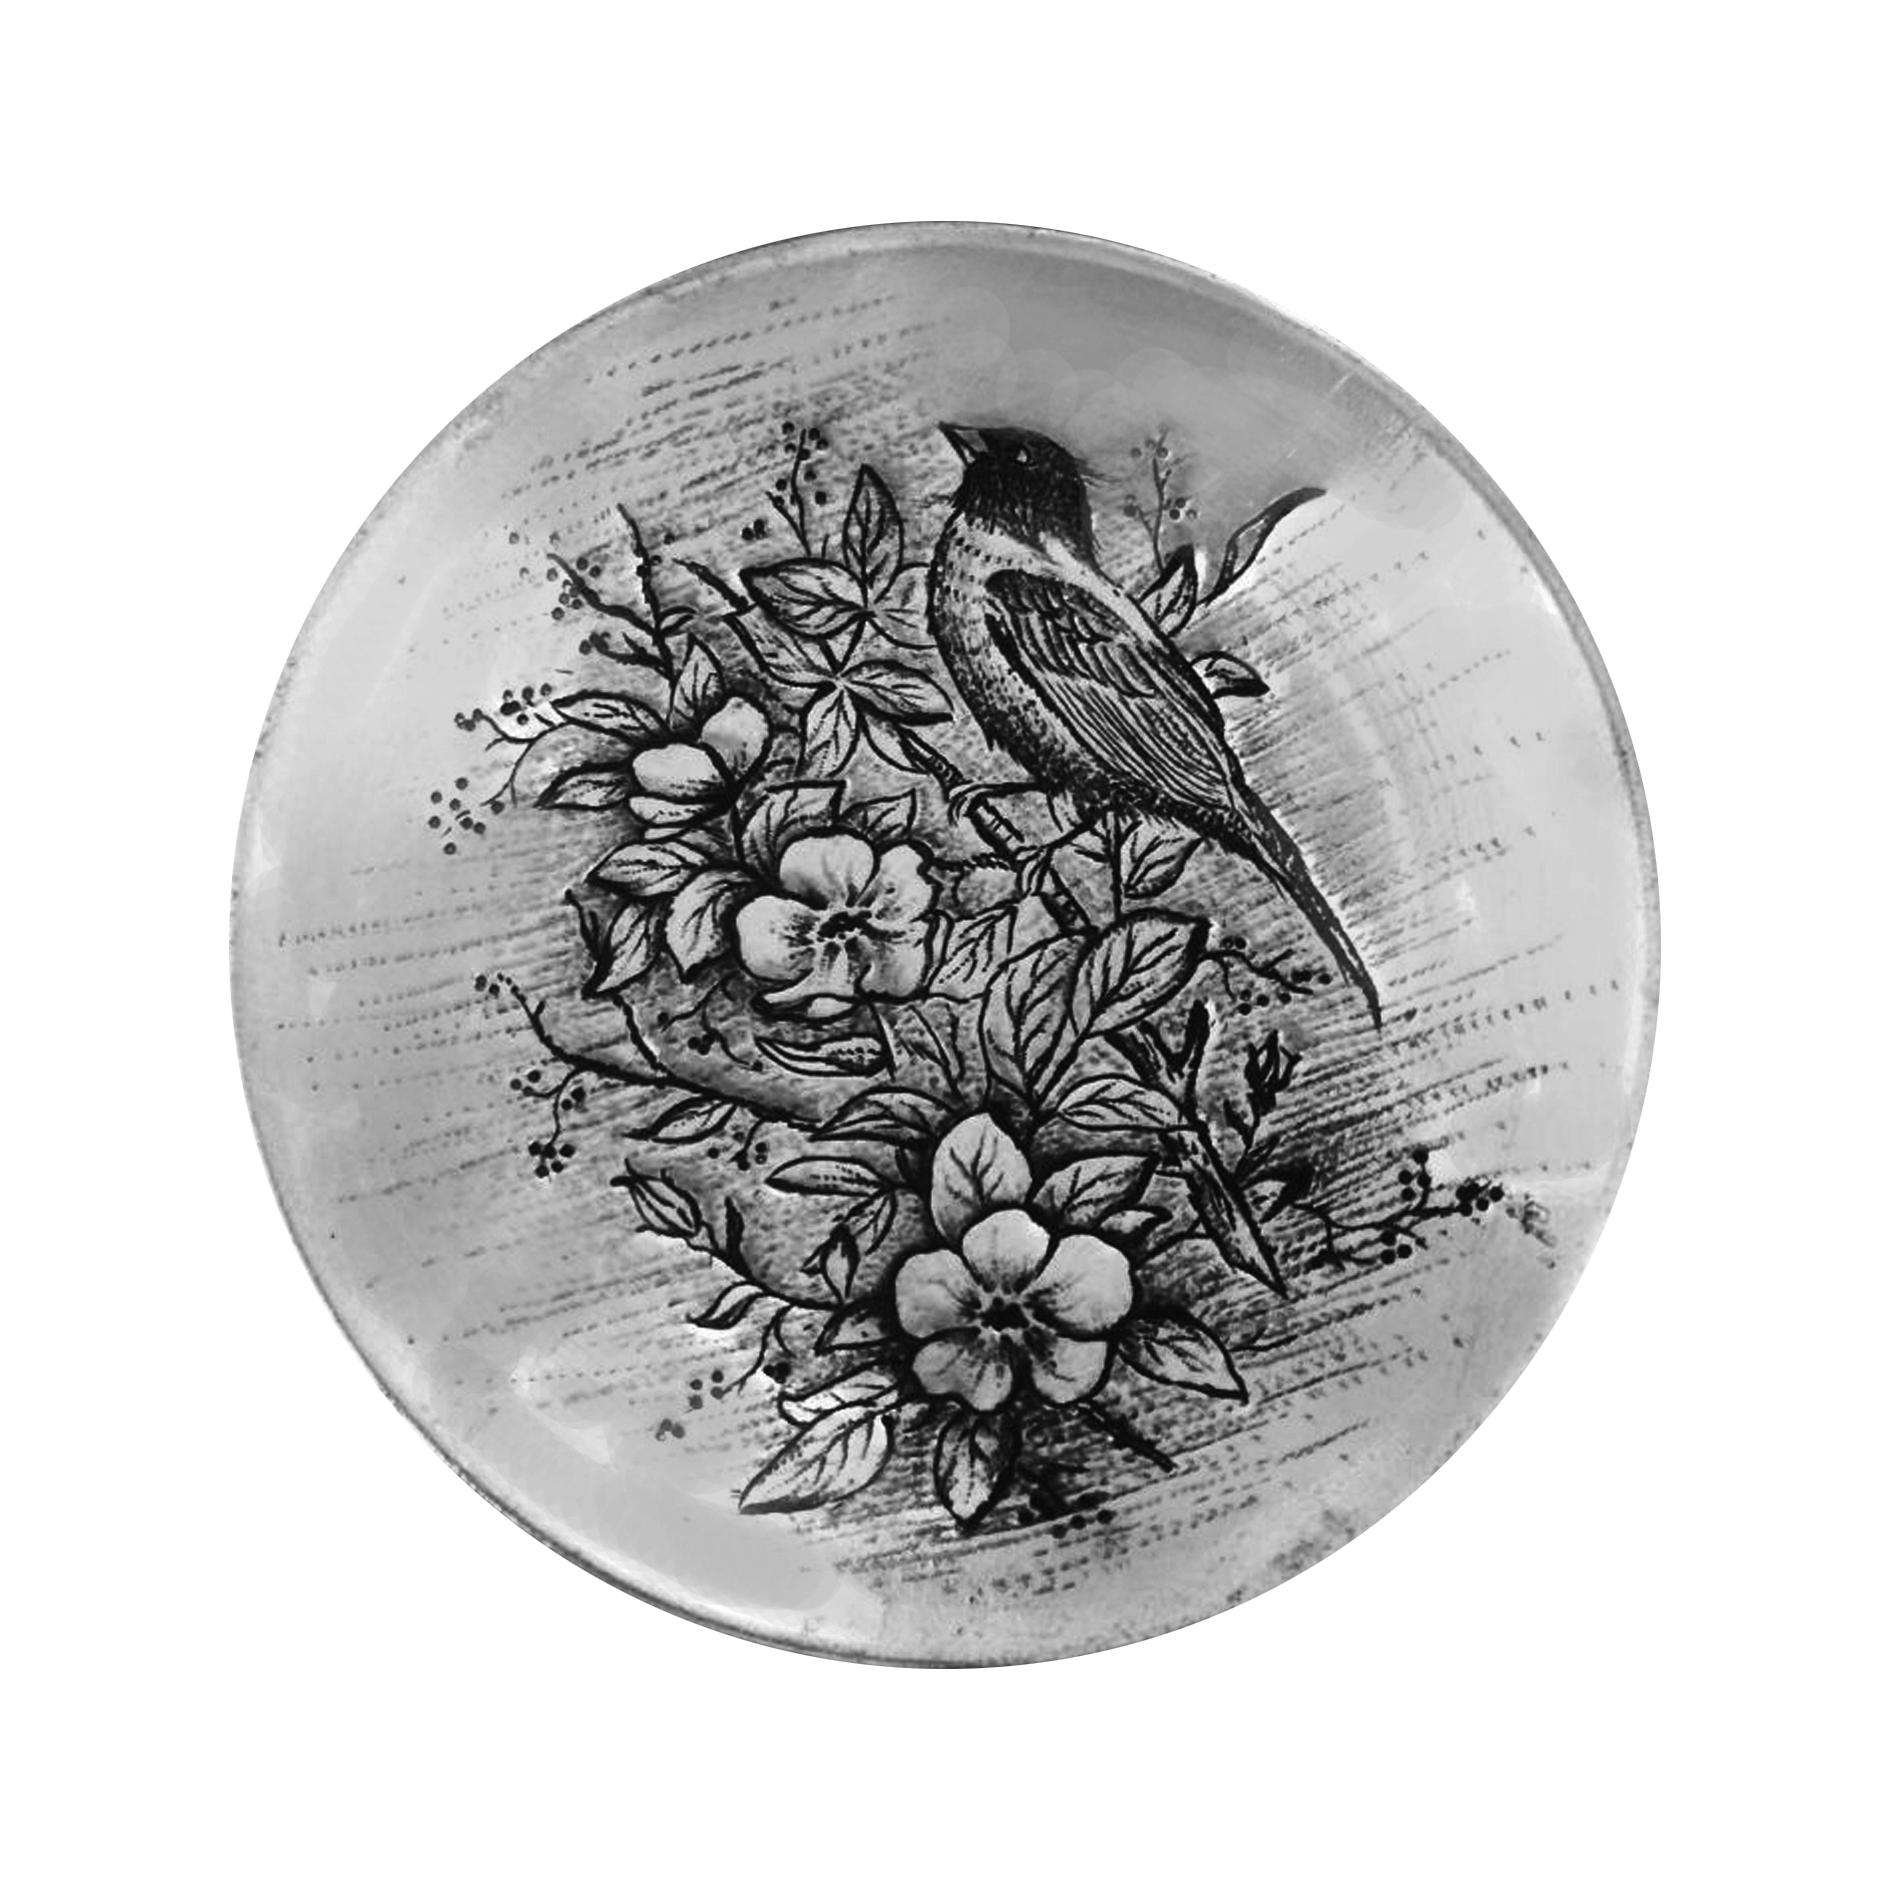 بشقاب دیوارکوب طرح گل و مرغ کد 3